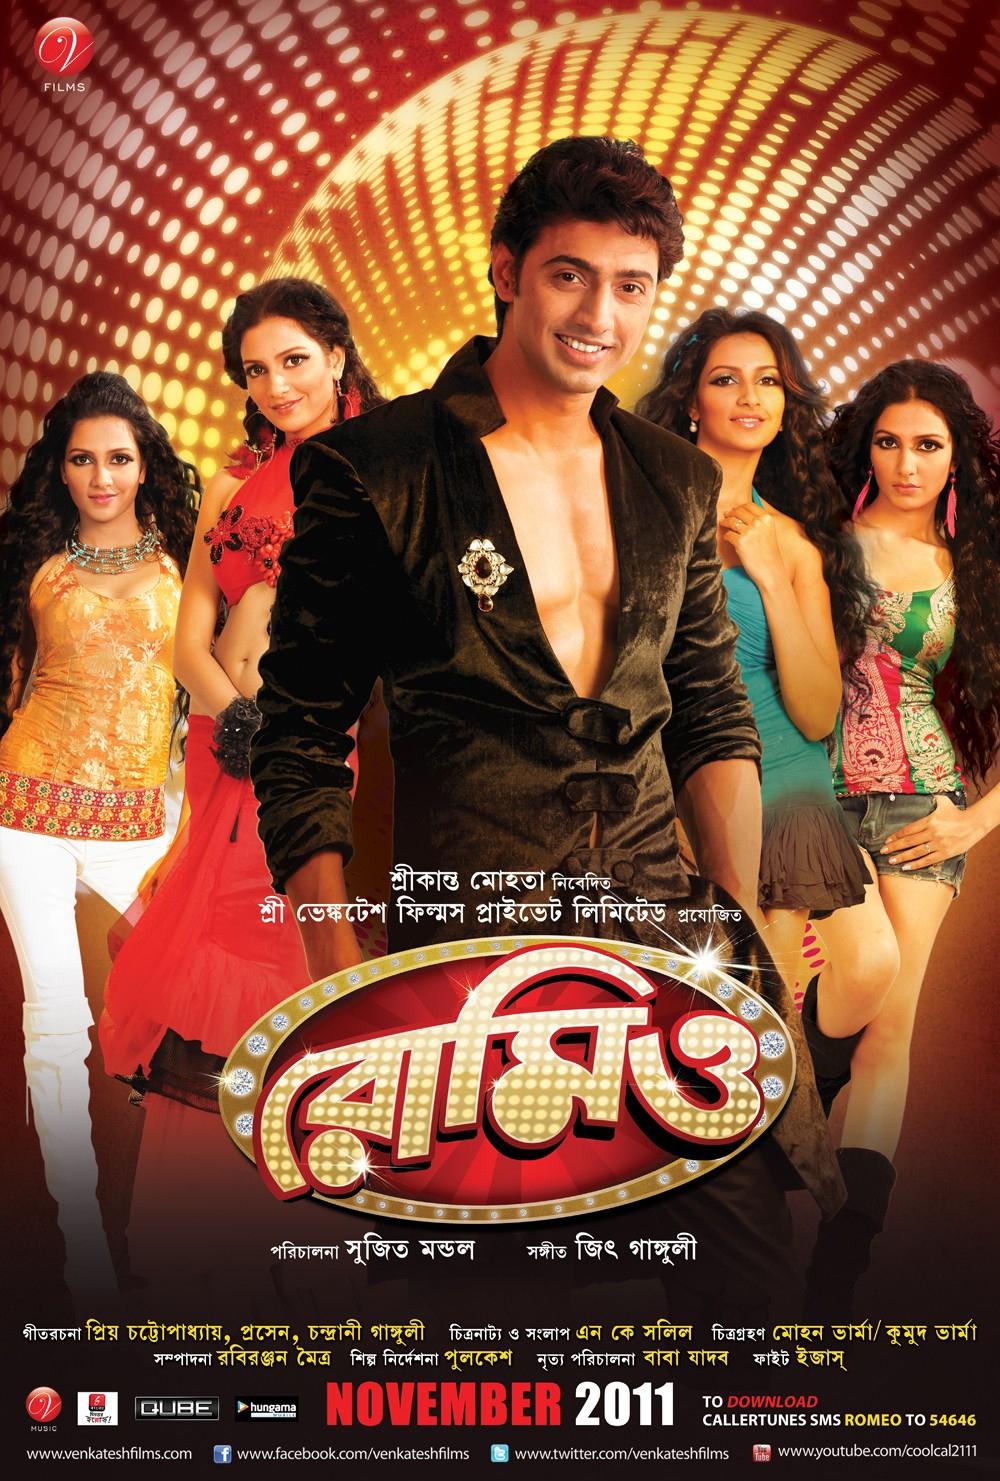 Romeo (2011) Bengali Movie Full Movie 480p, 720p Download